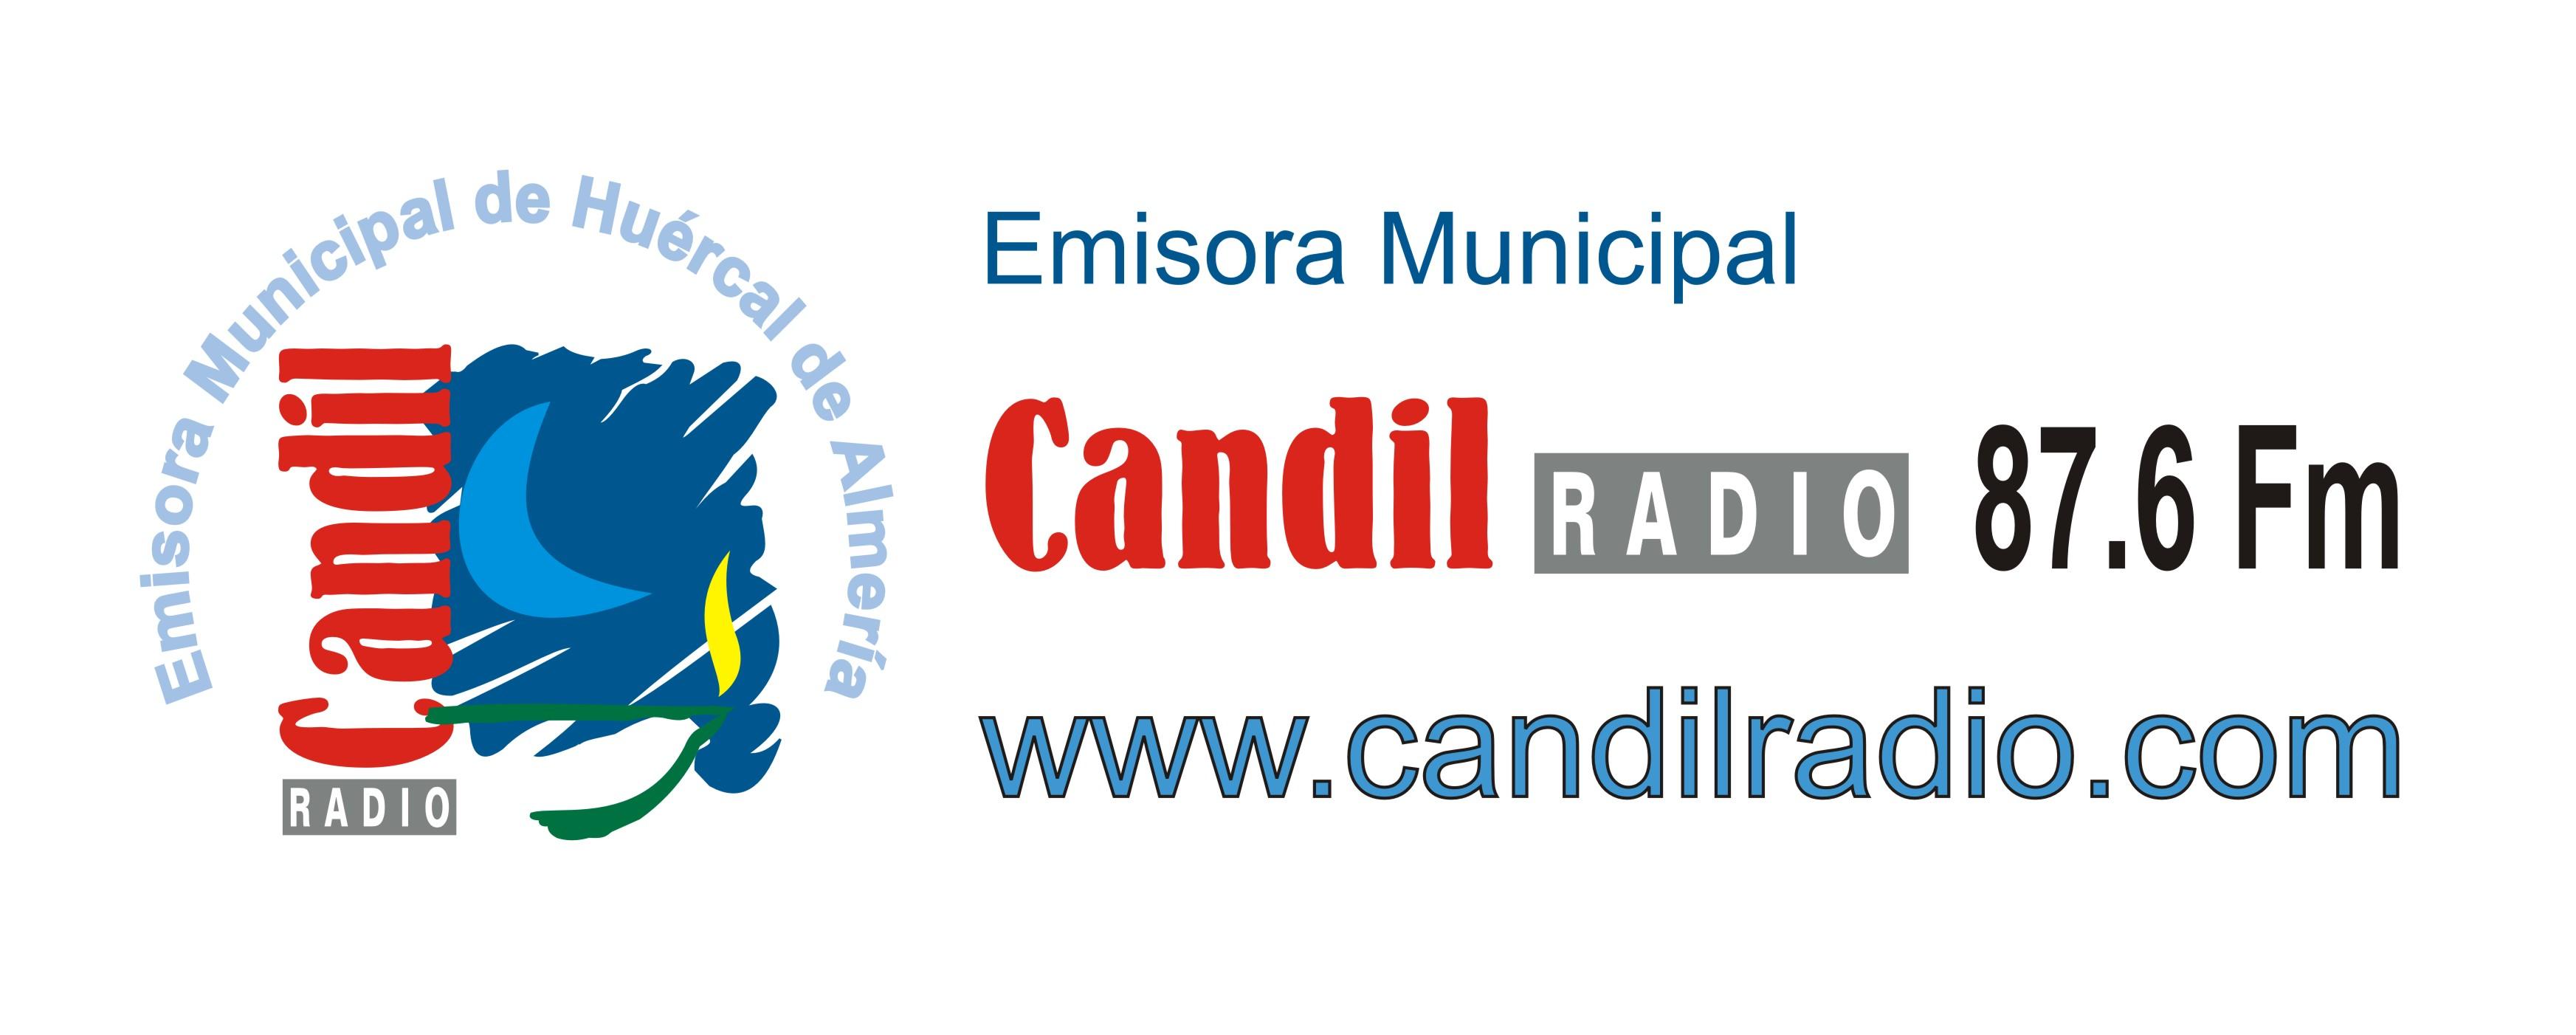 Enlace a la emisora municipal de radio de Huércal de Almería